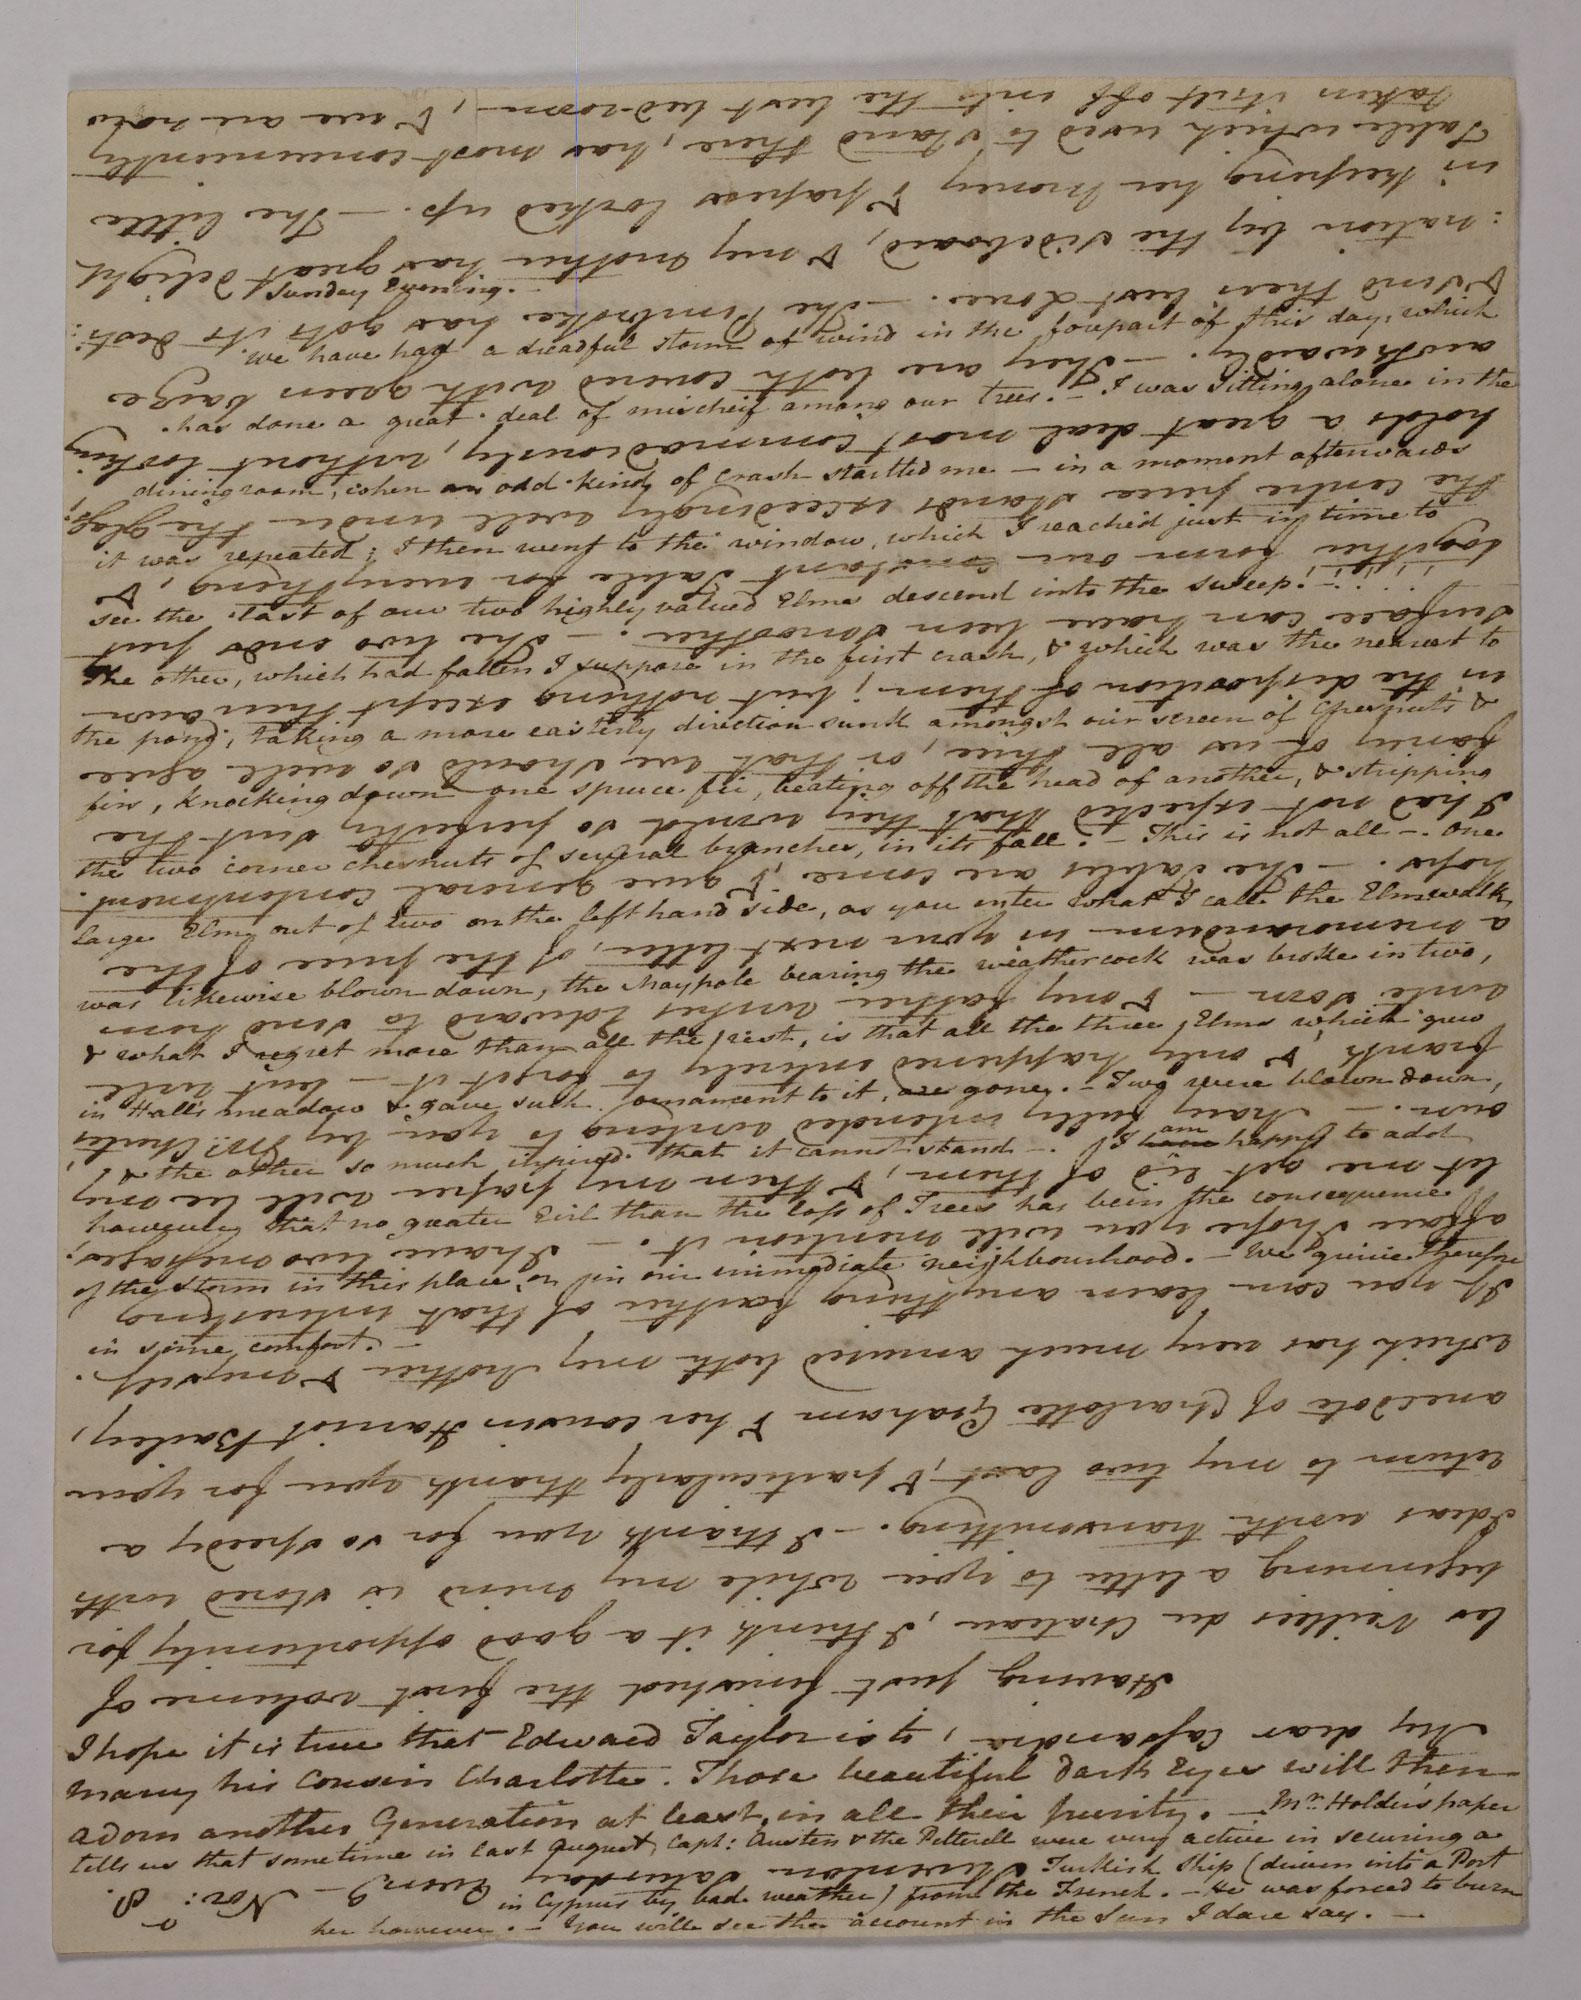 Letter From Jane Austen To Her Sister Cassandra 8 9 November 1800